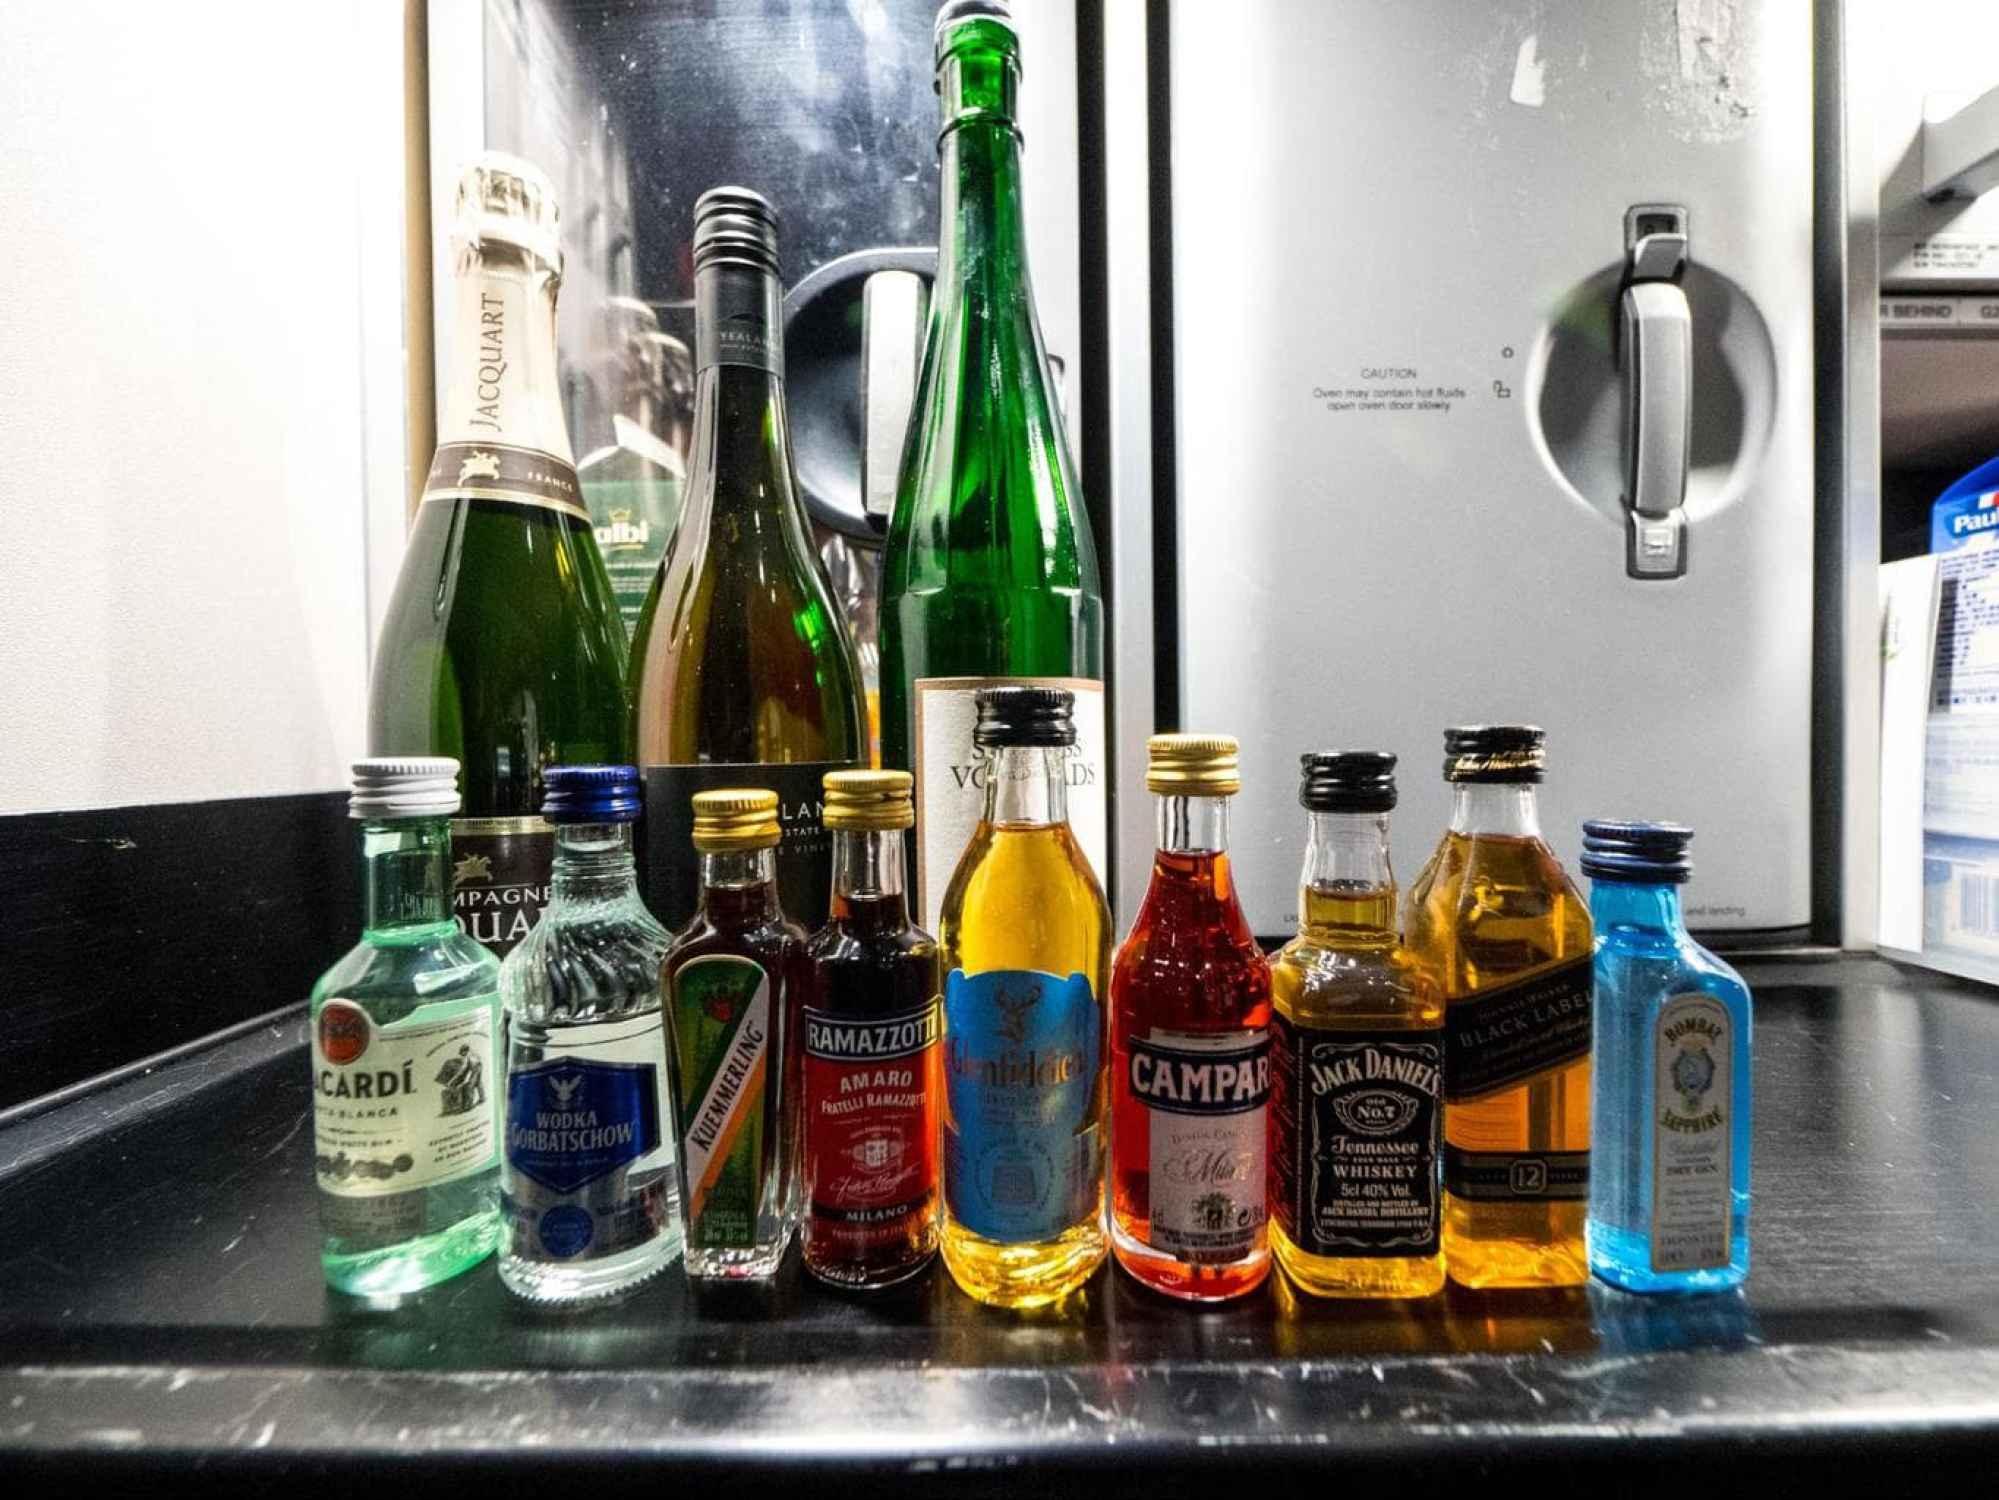 Lufthansa Business Class food - Choice of spirits